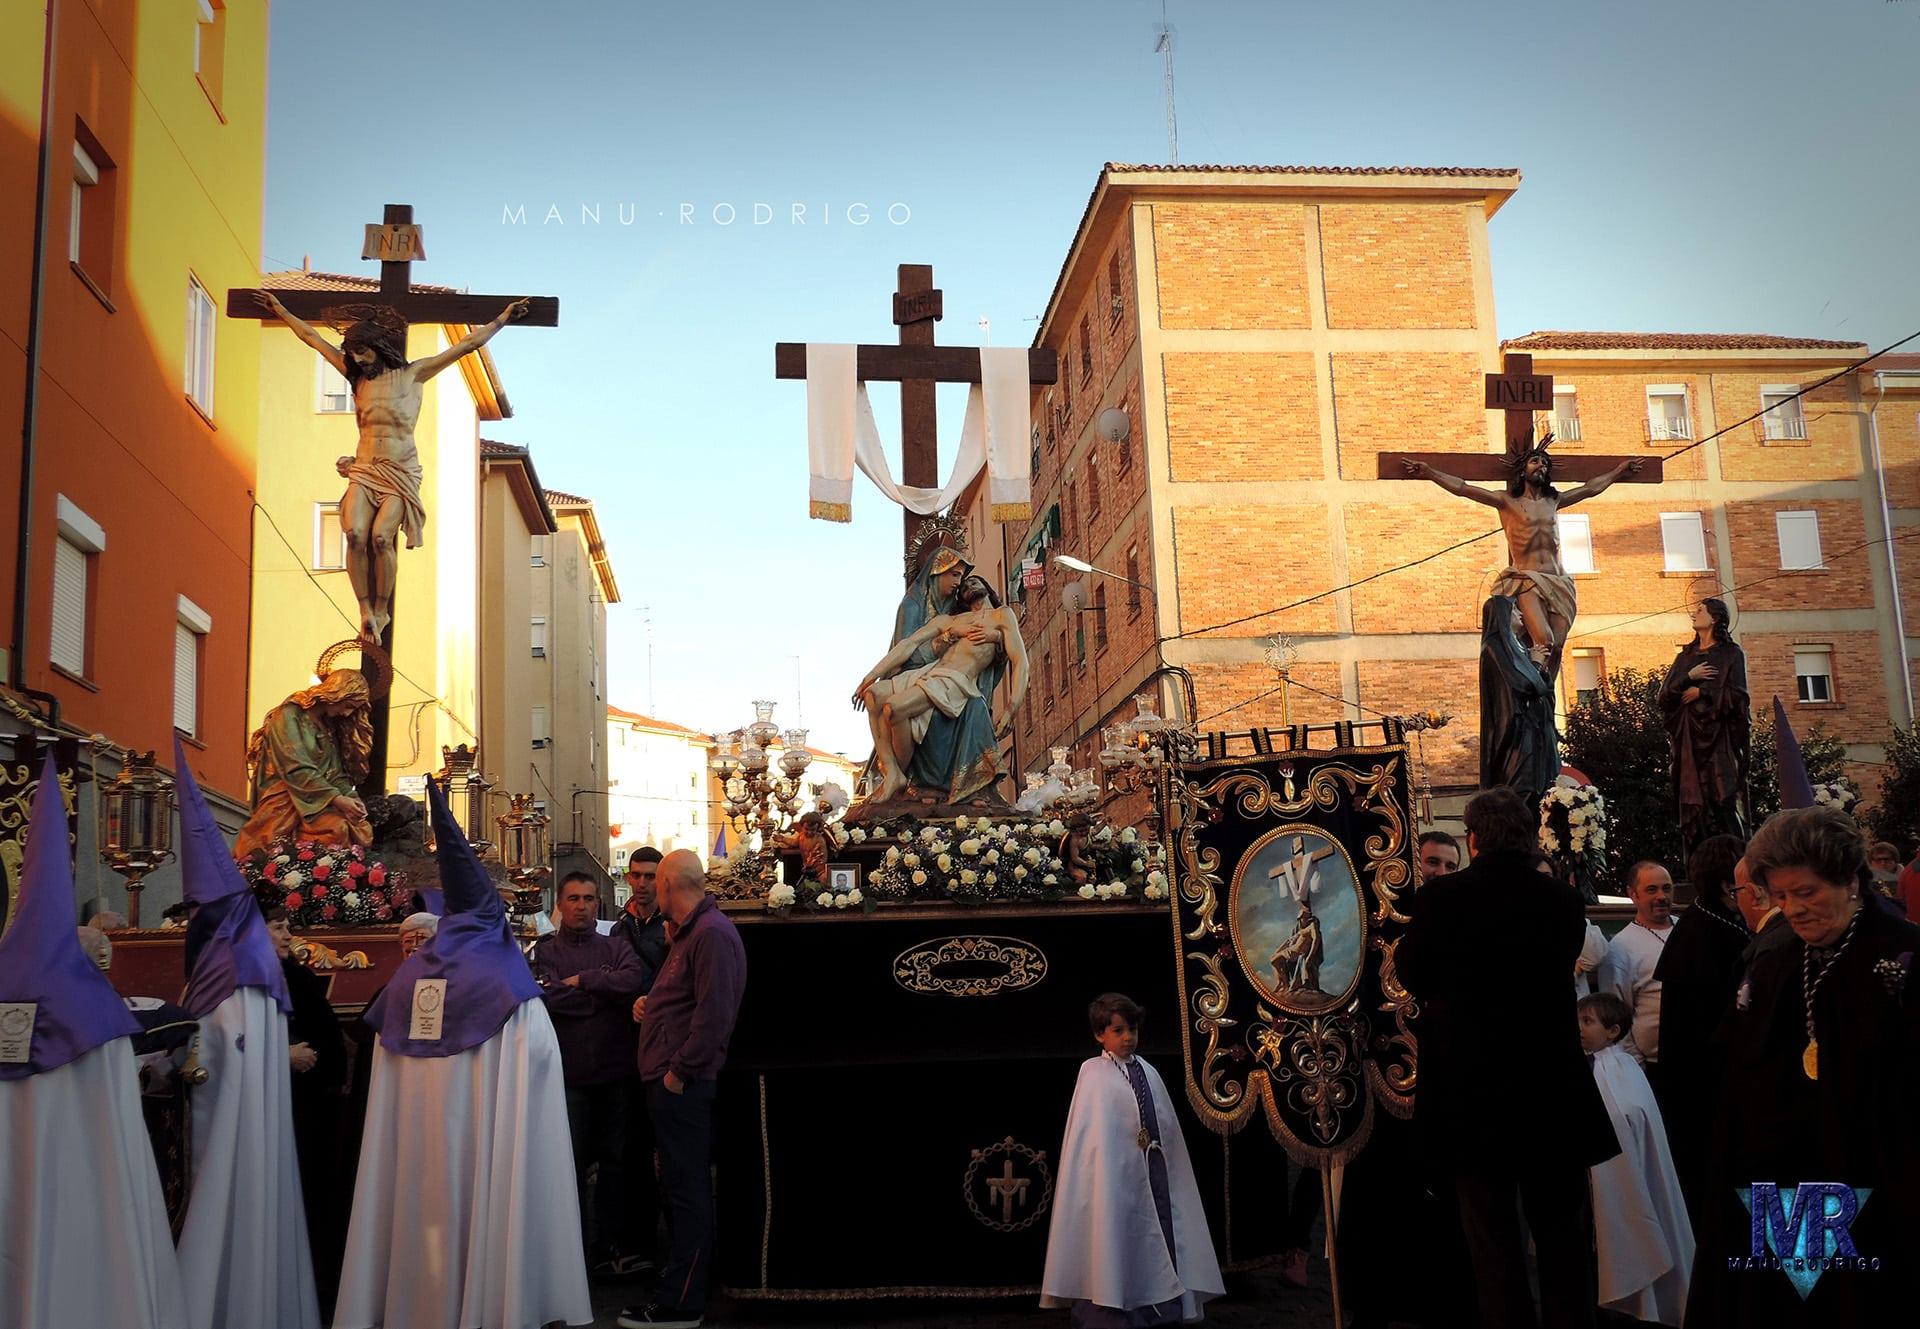 salida desde san jose, cofradia de la piedad, magdalena al pie de la cruz, la piedad y calvario, jueves santo, Segovia (Manu Rodrigo)